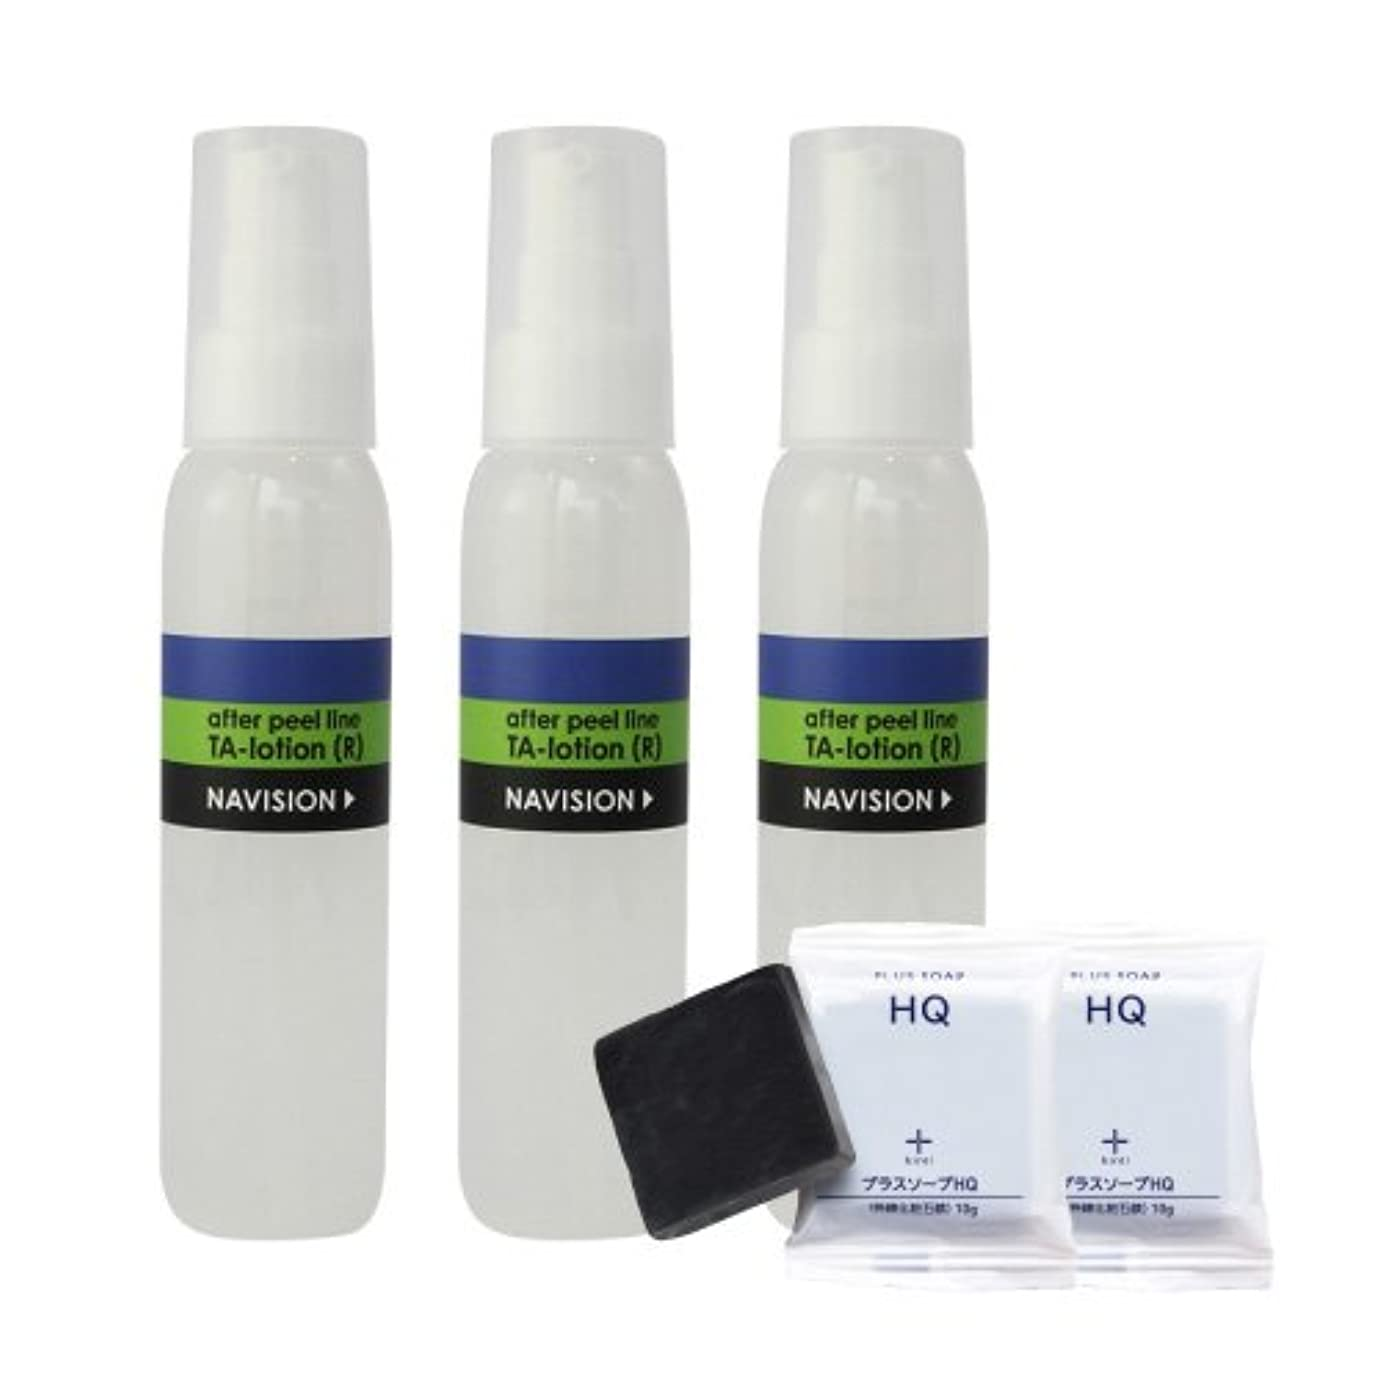 本強化するフィラデルフィアナビジョン TAローション(R)(医薬部外品) 3本+プラスソープHQミニ 2個